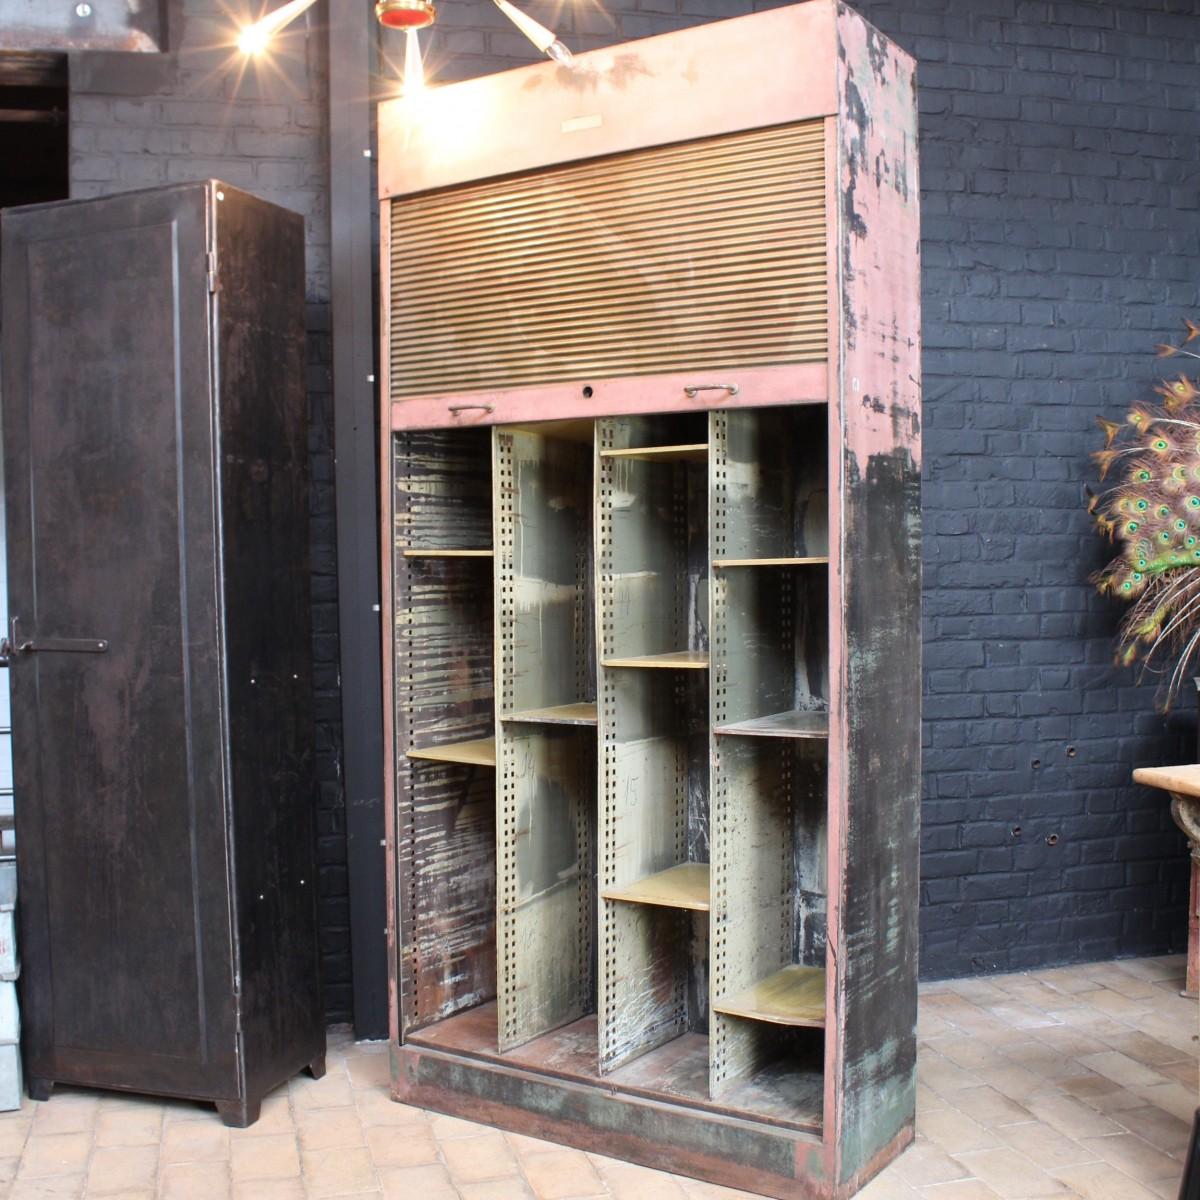 rideau industriel affordable rideau style industriel des rideaux aux grandes rayures blanches. Black Bedroom Furniture Sets. Home Design Ideas